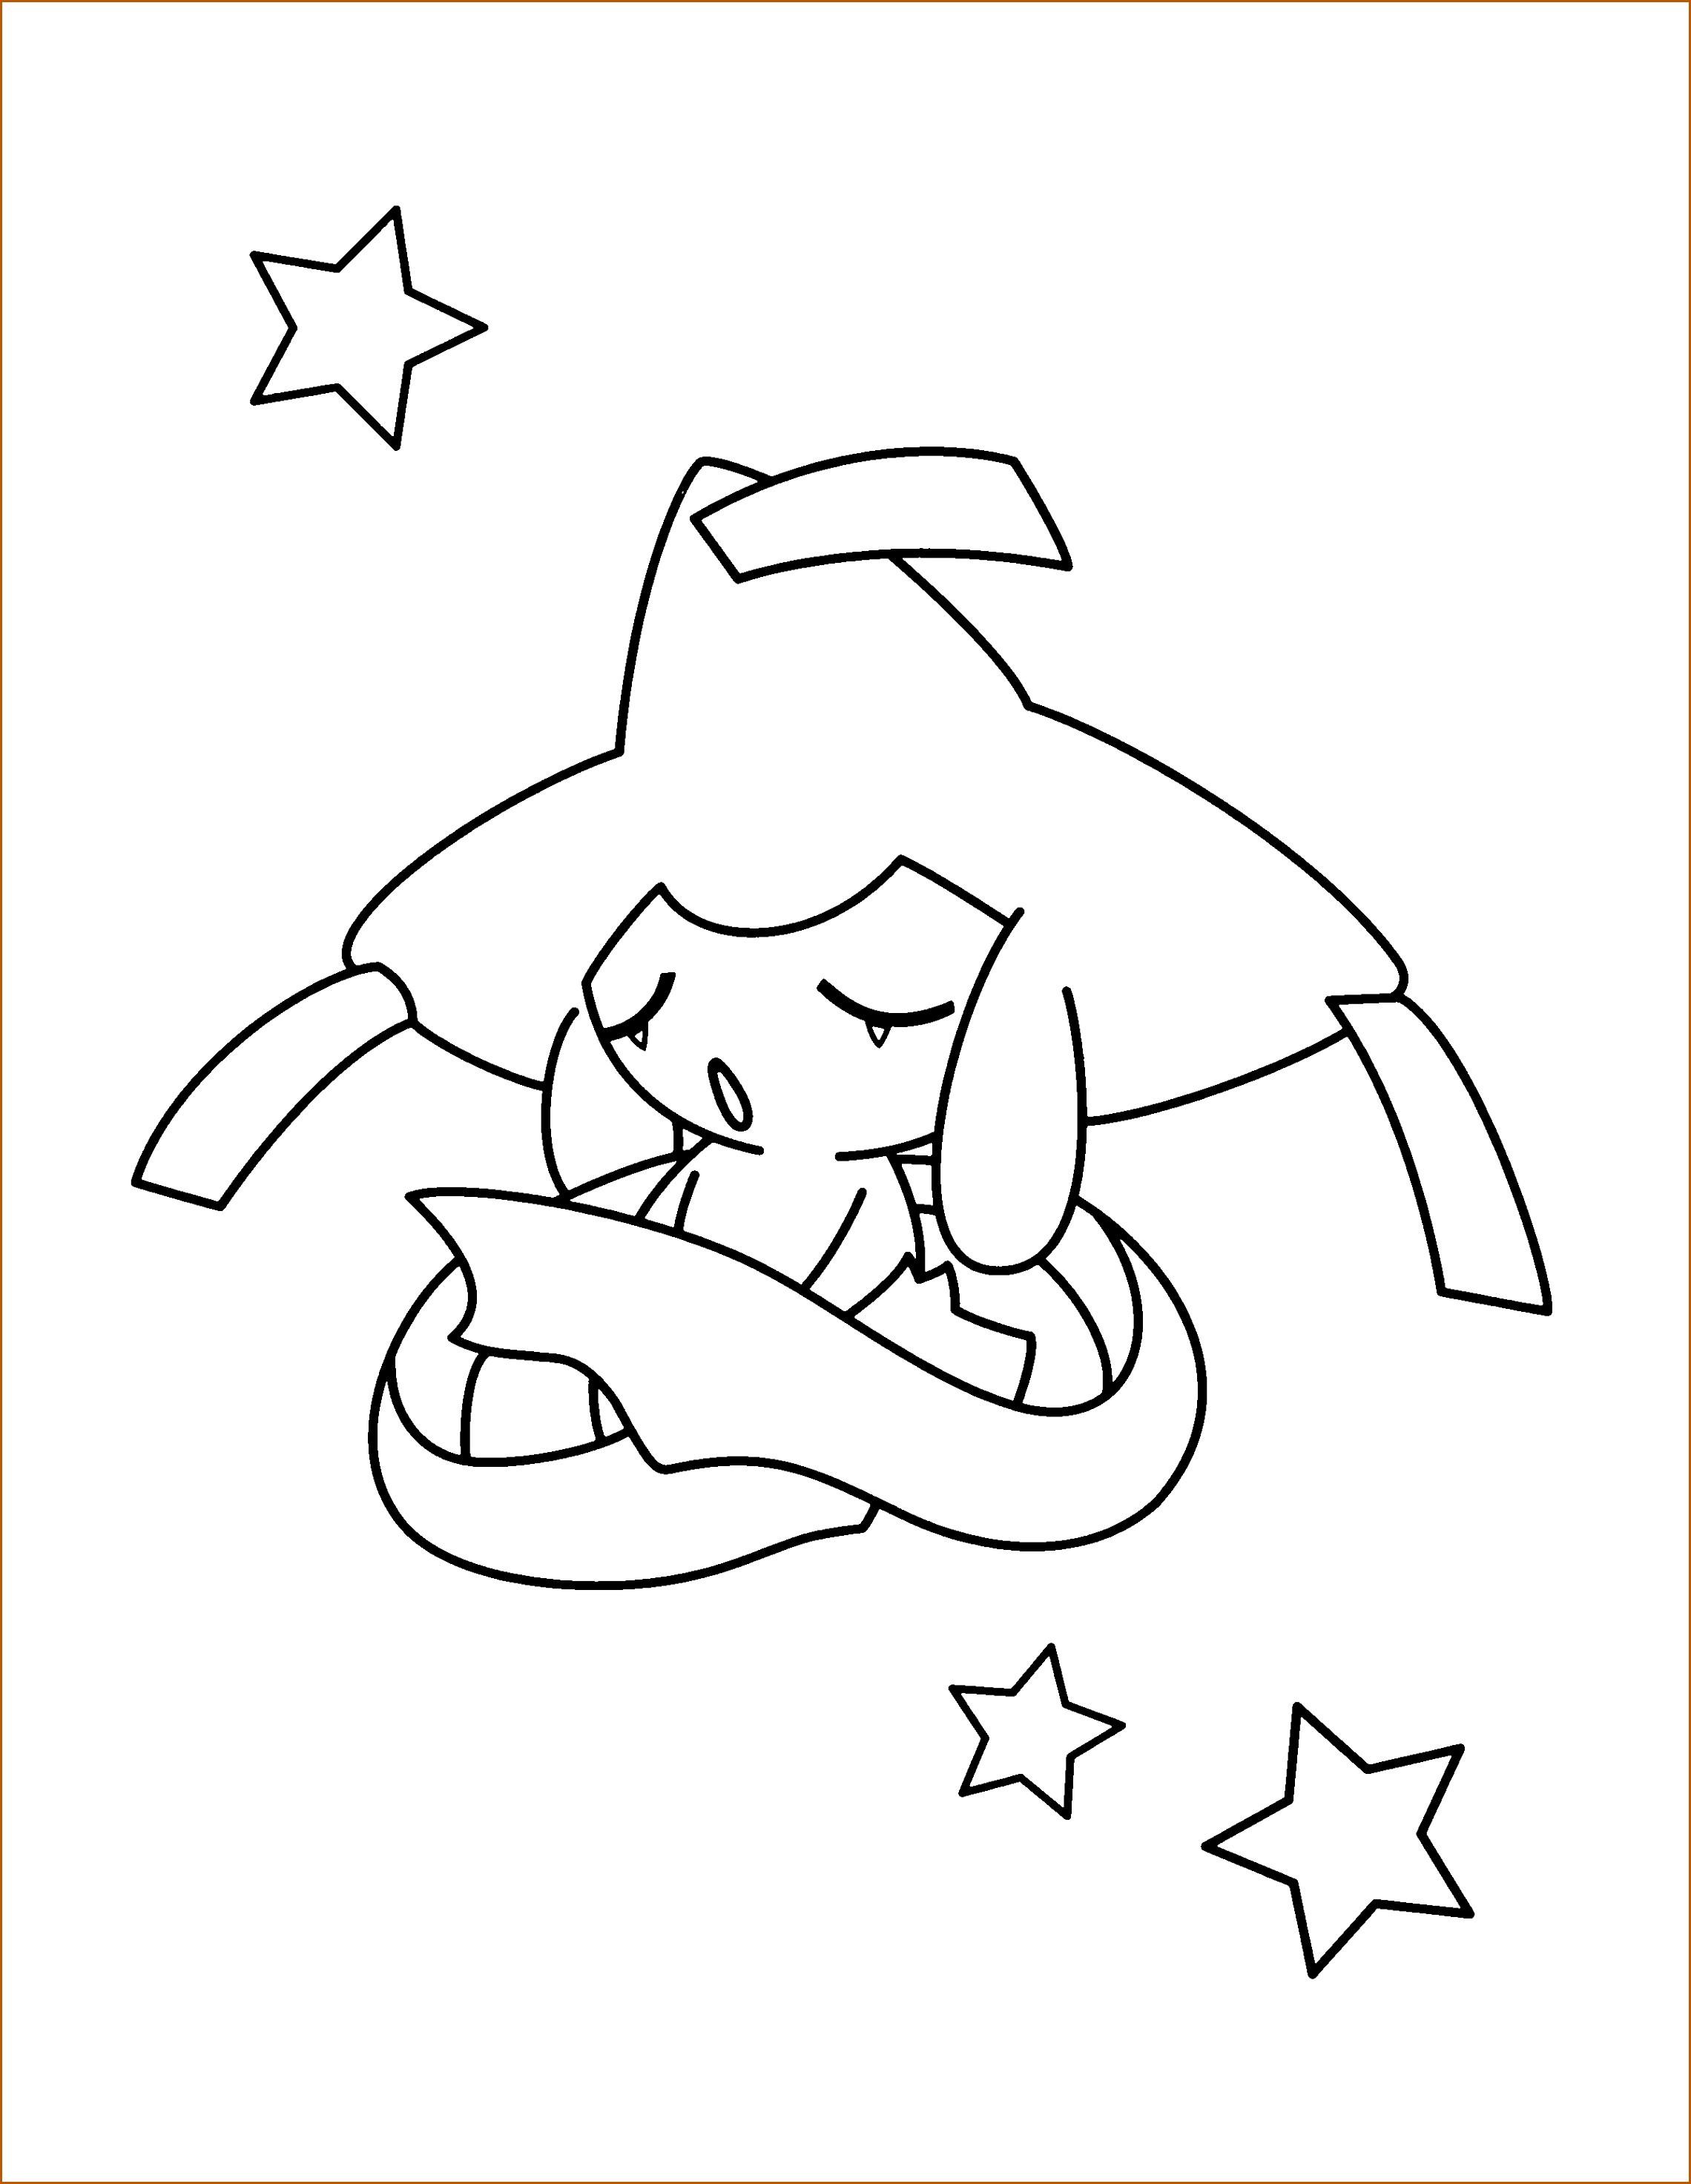 Pokemon Ausmalbilder Wolwerock Das Beste Von Ausmalbilder Detektiv Pikachu Bild